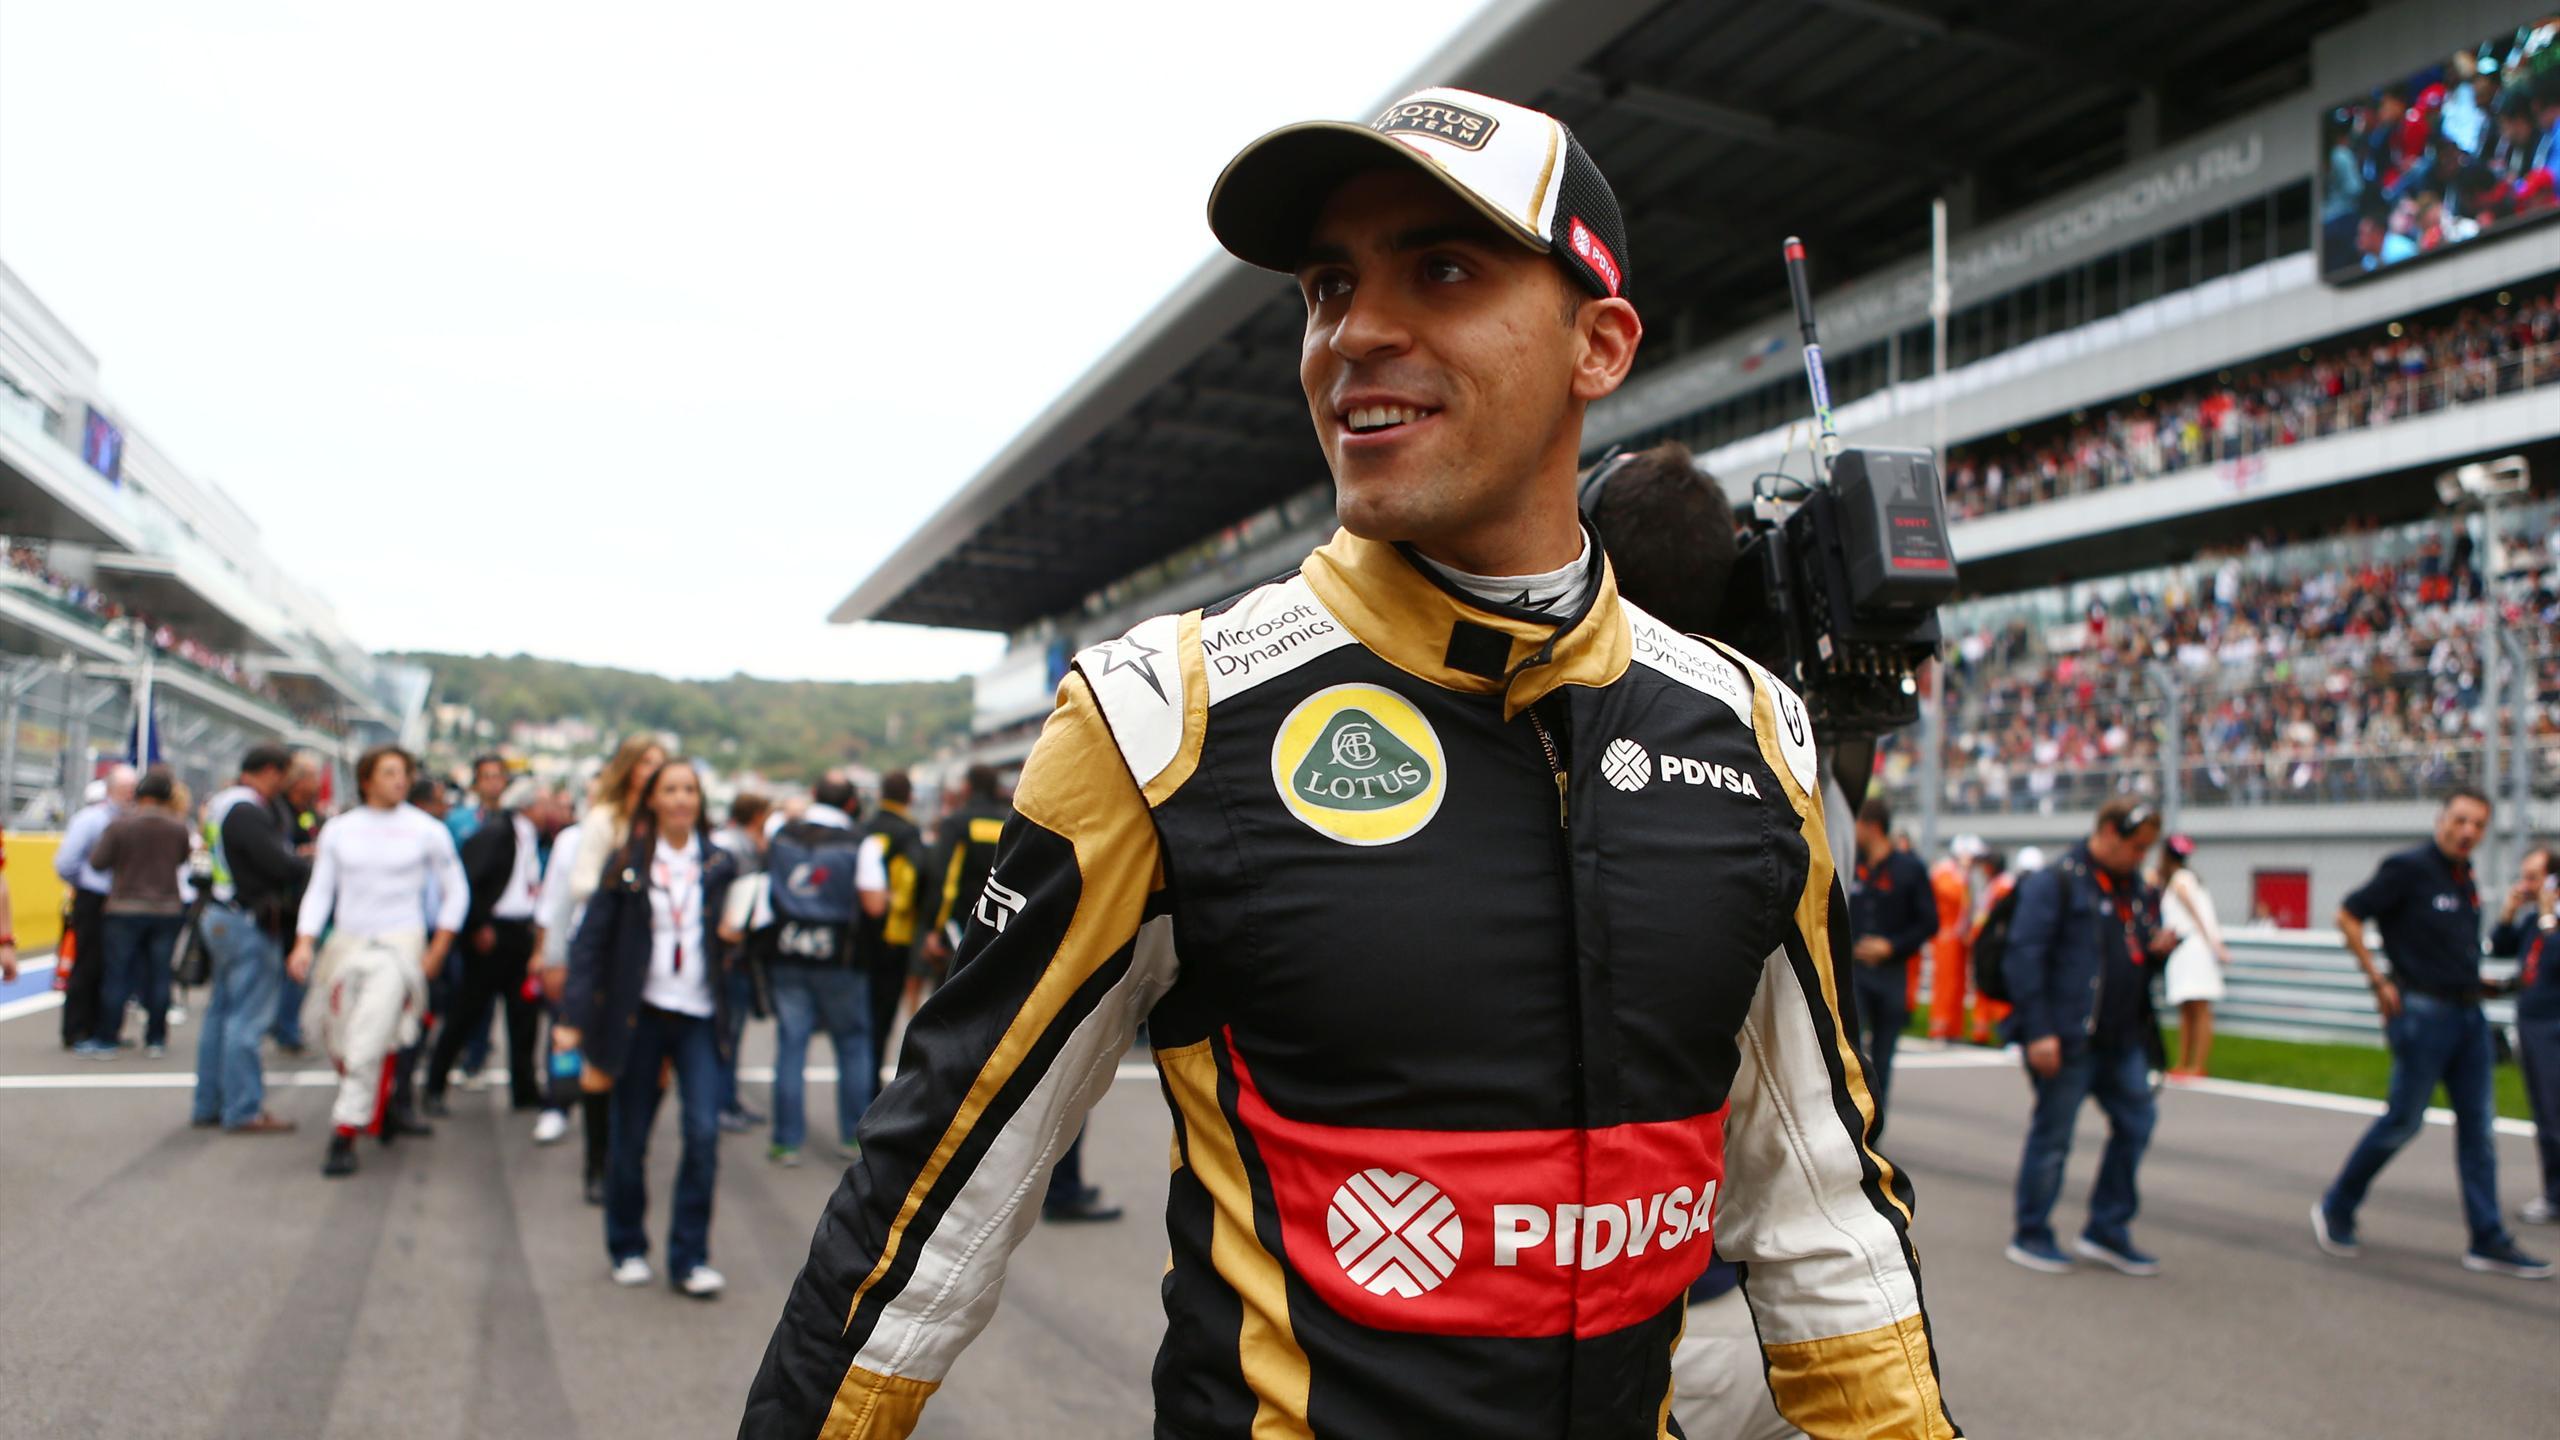 Pastor Maldonado (Lotus) - GP of Russia 2015